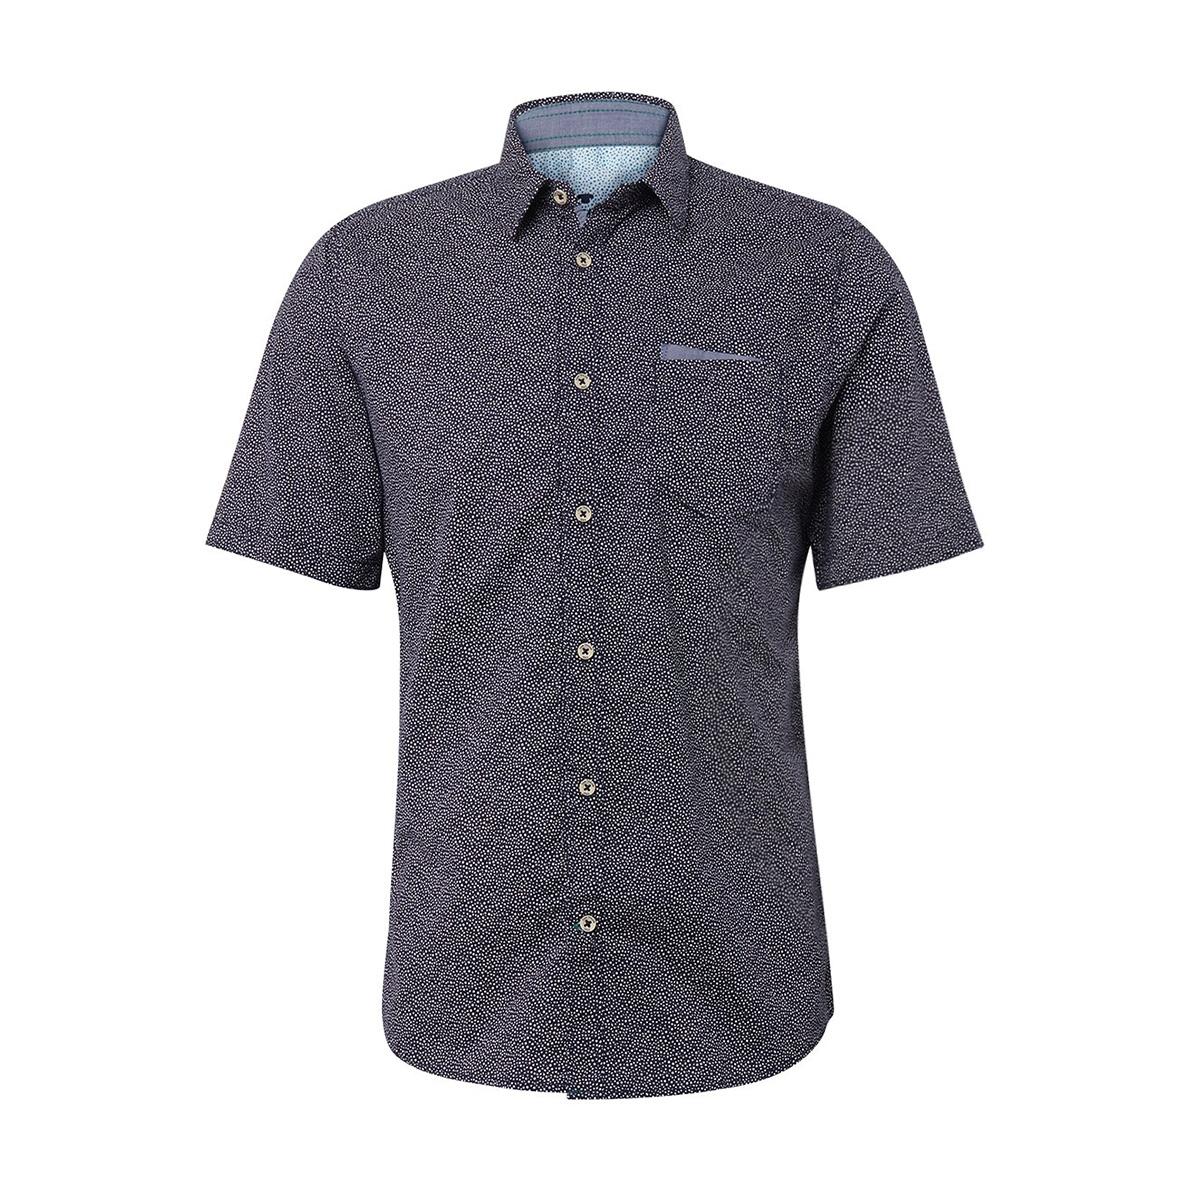 overhemd met stippen 1009973xx10 tom tailor overhemd 17434